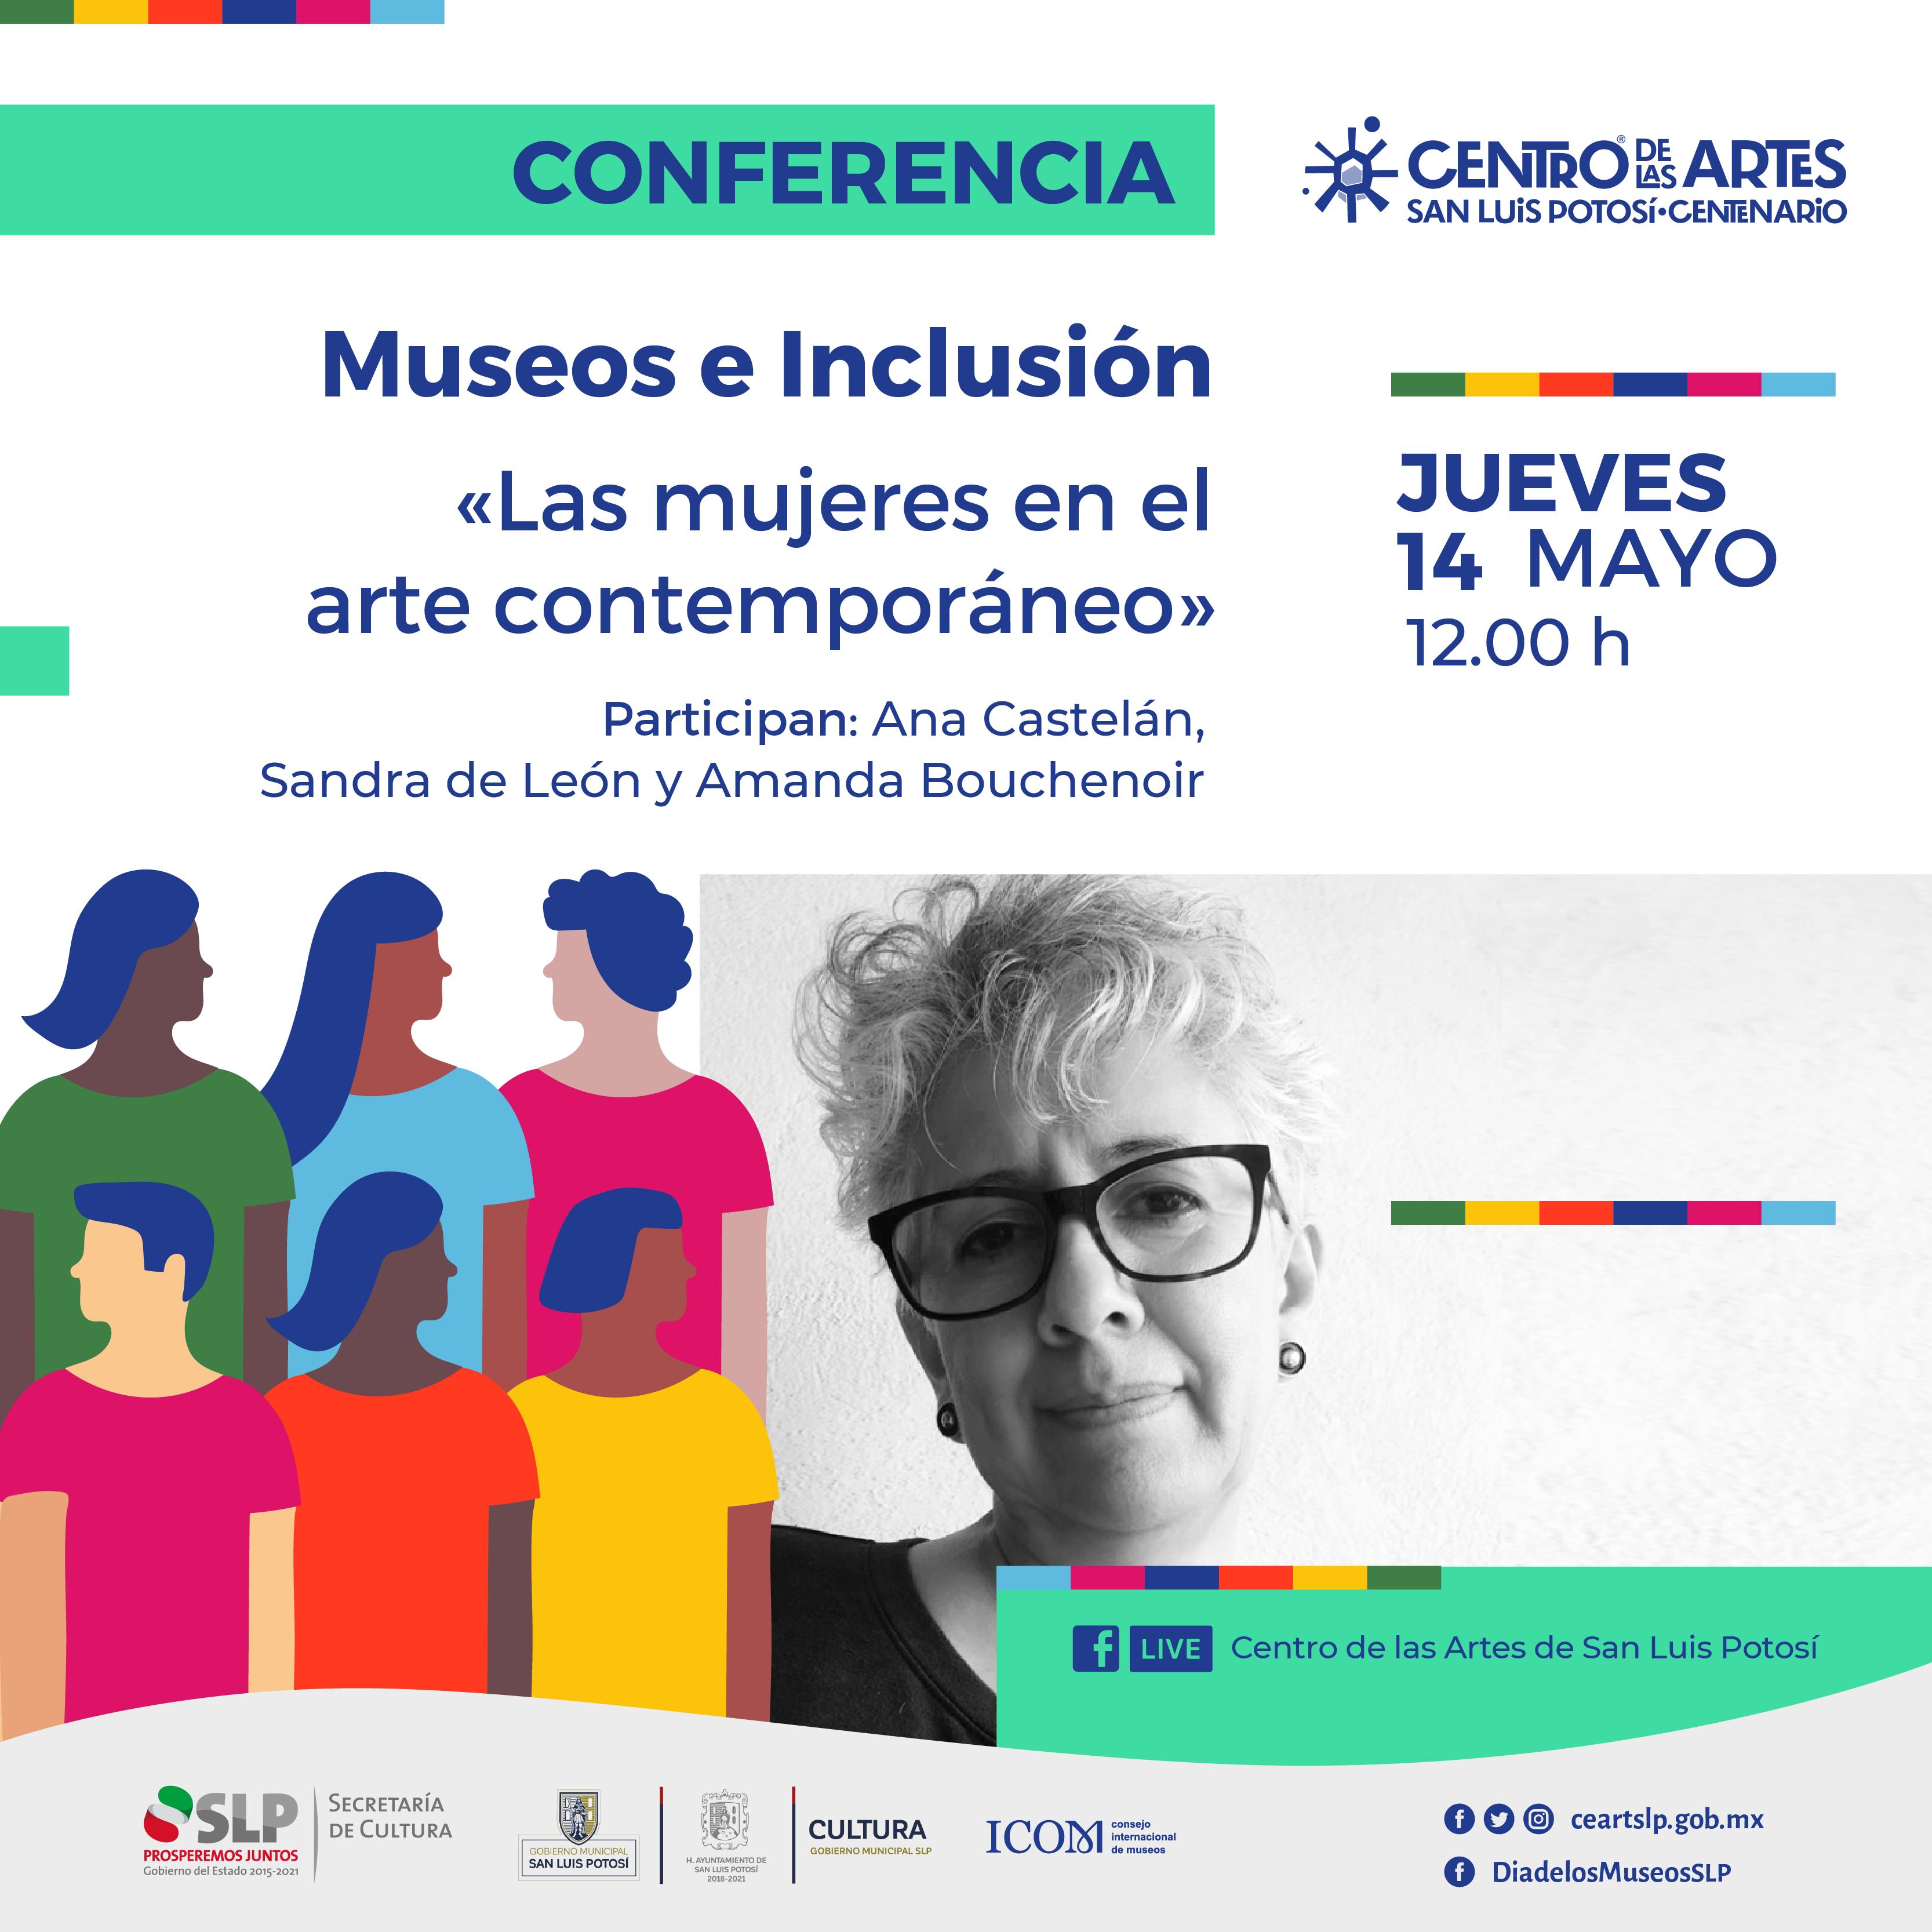 Actividades virtuales del Centro de las Artes, por el día internacional de los museos 2020